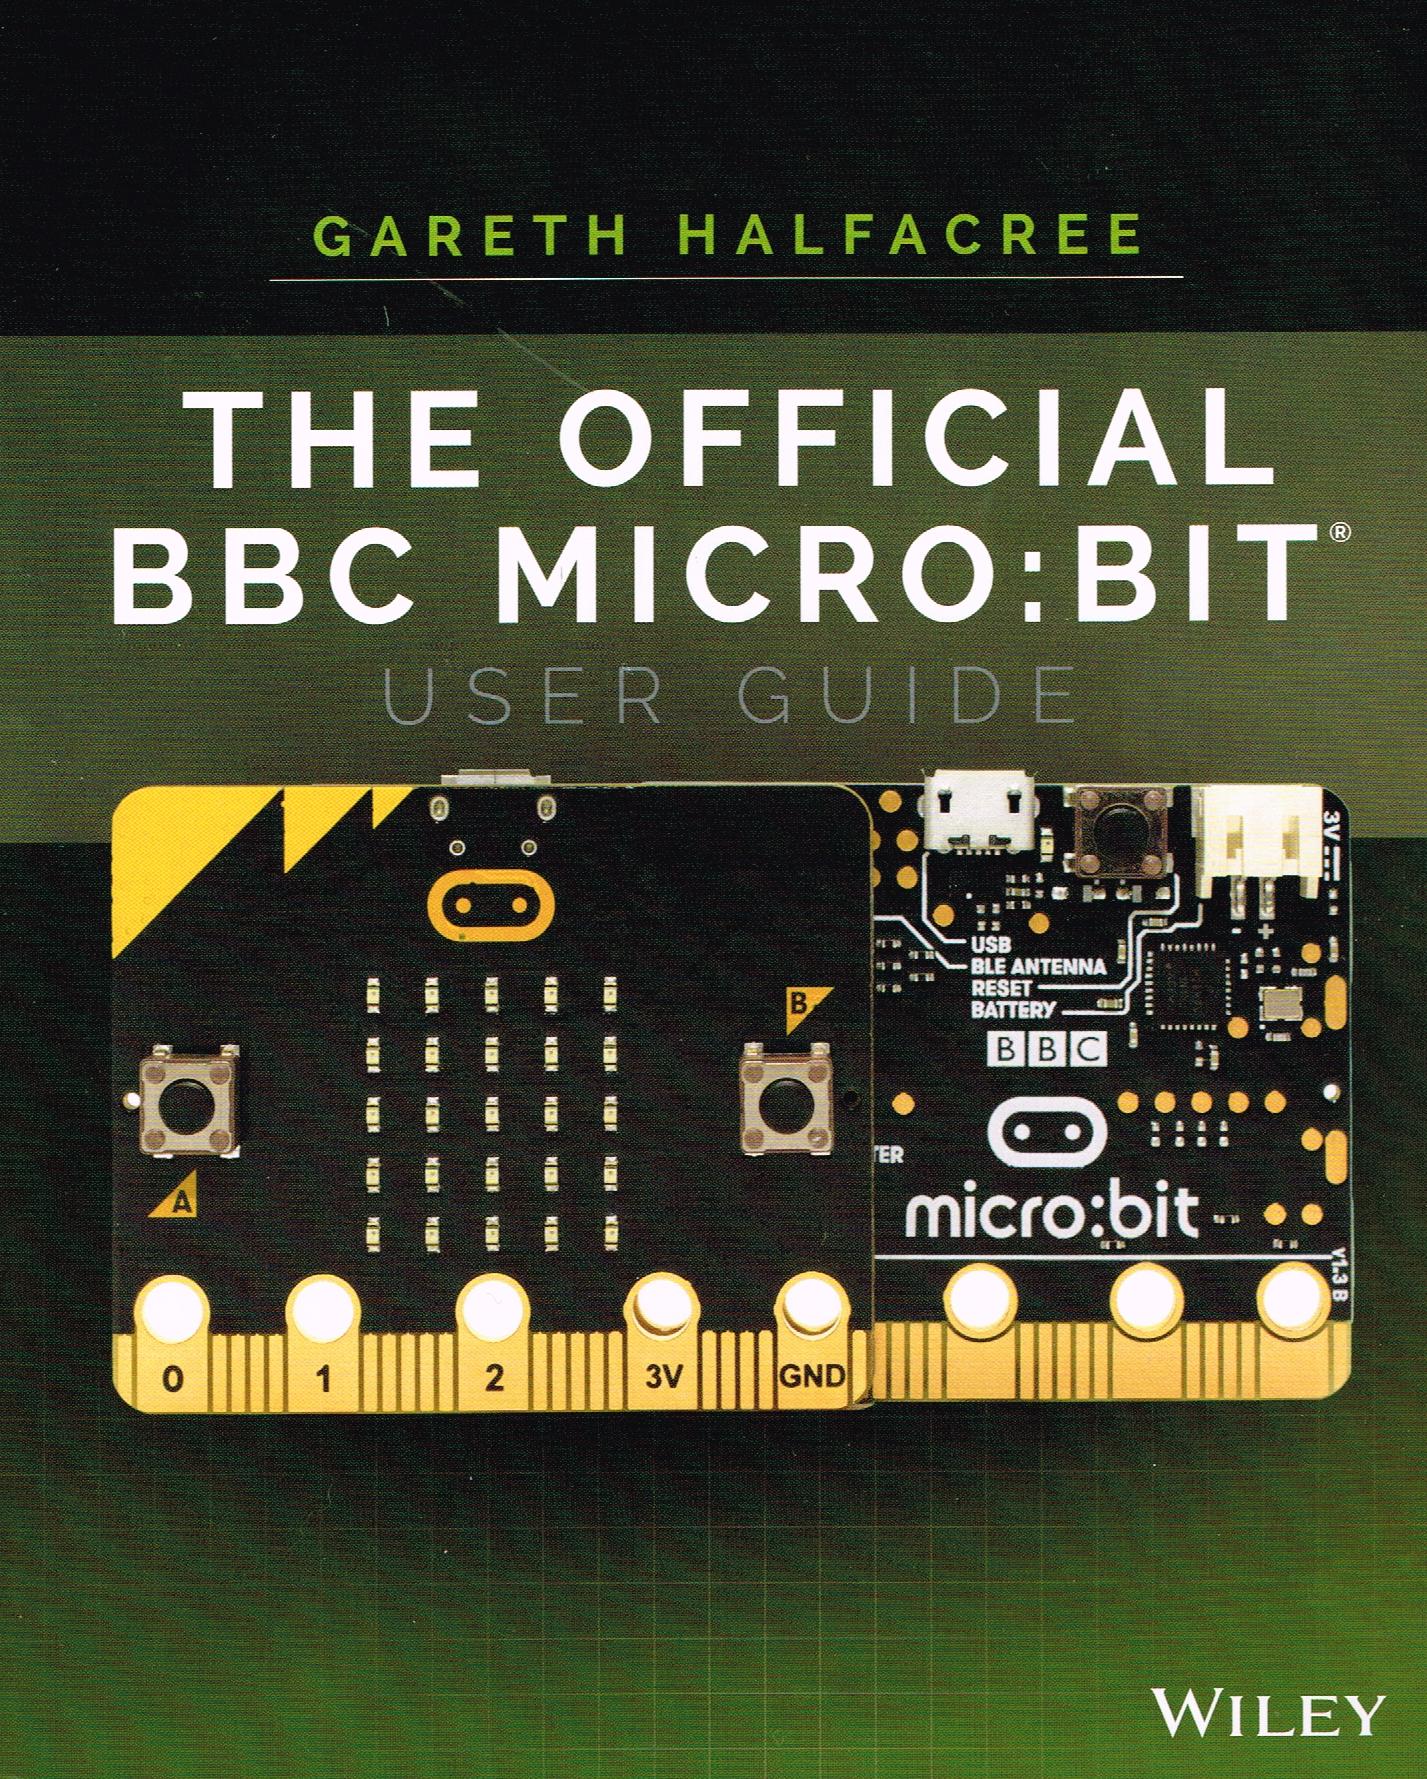 The BBC Micro:Bit User Guide